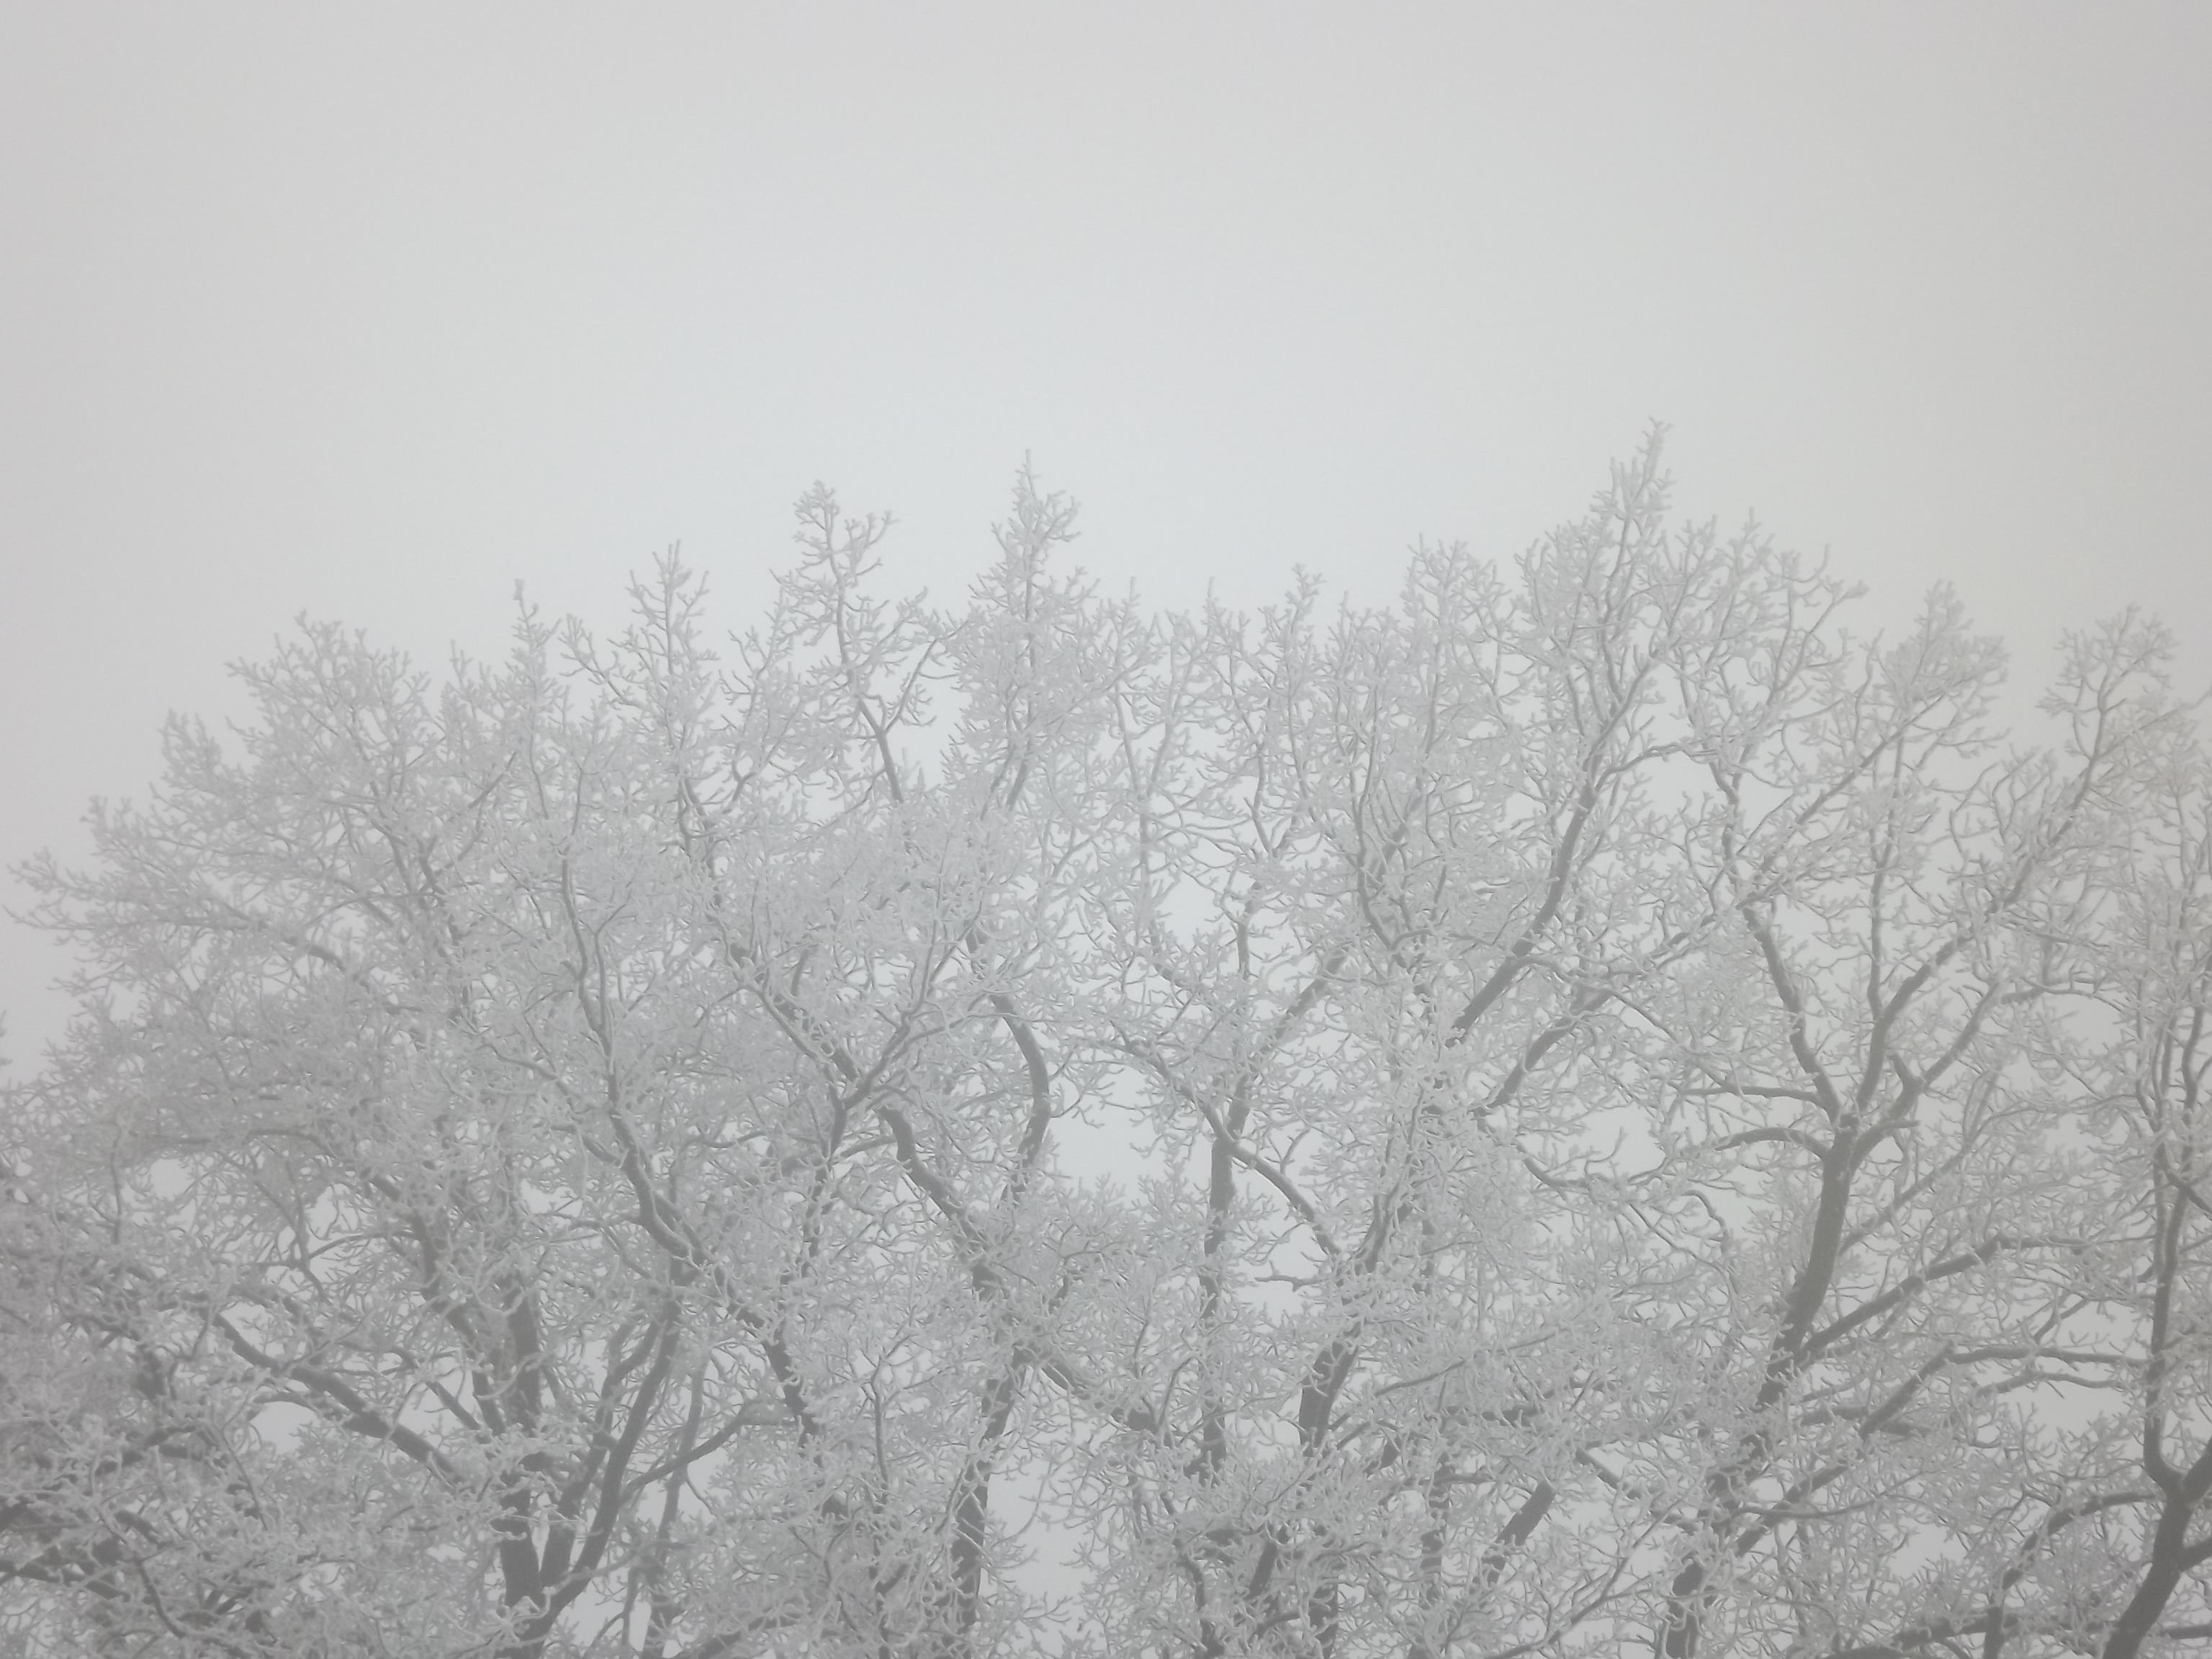 5802-vereiste-baeume-nebel